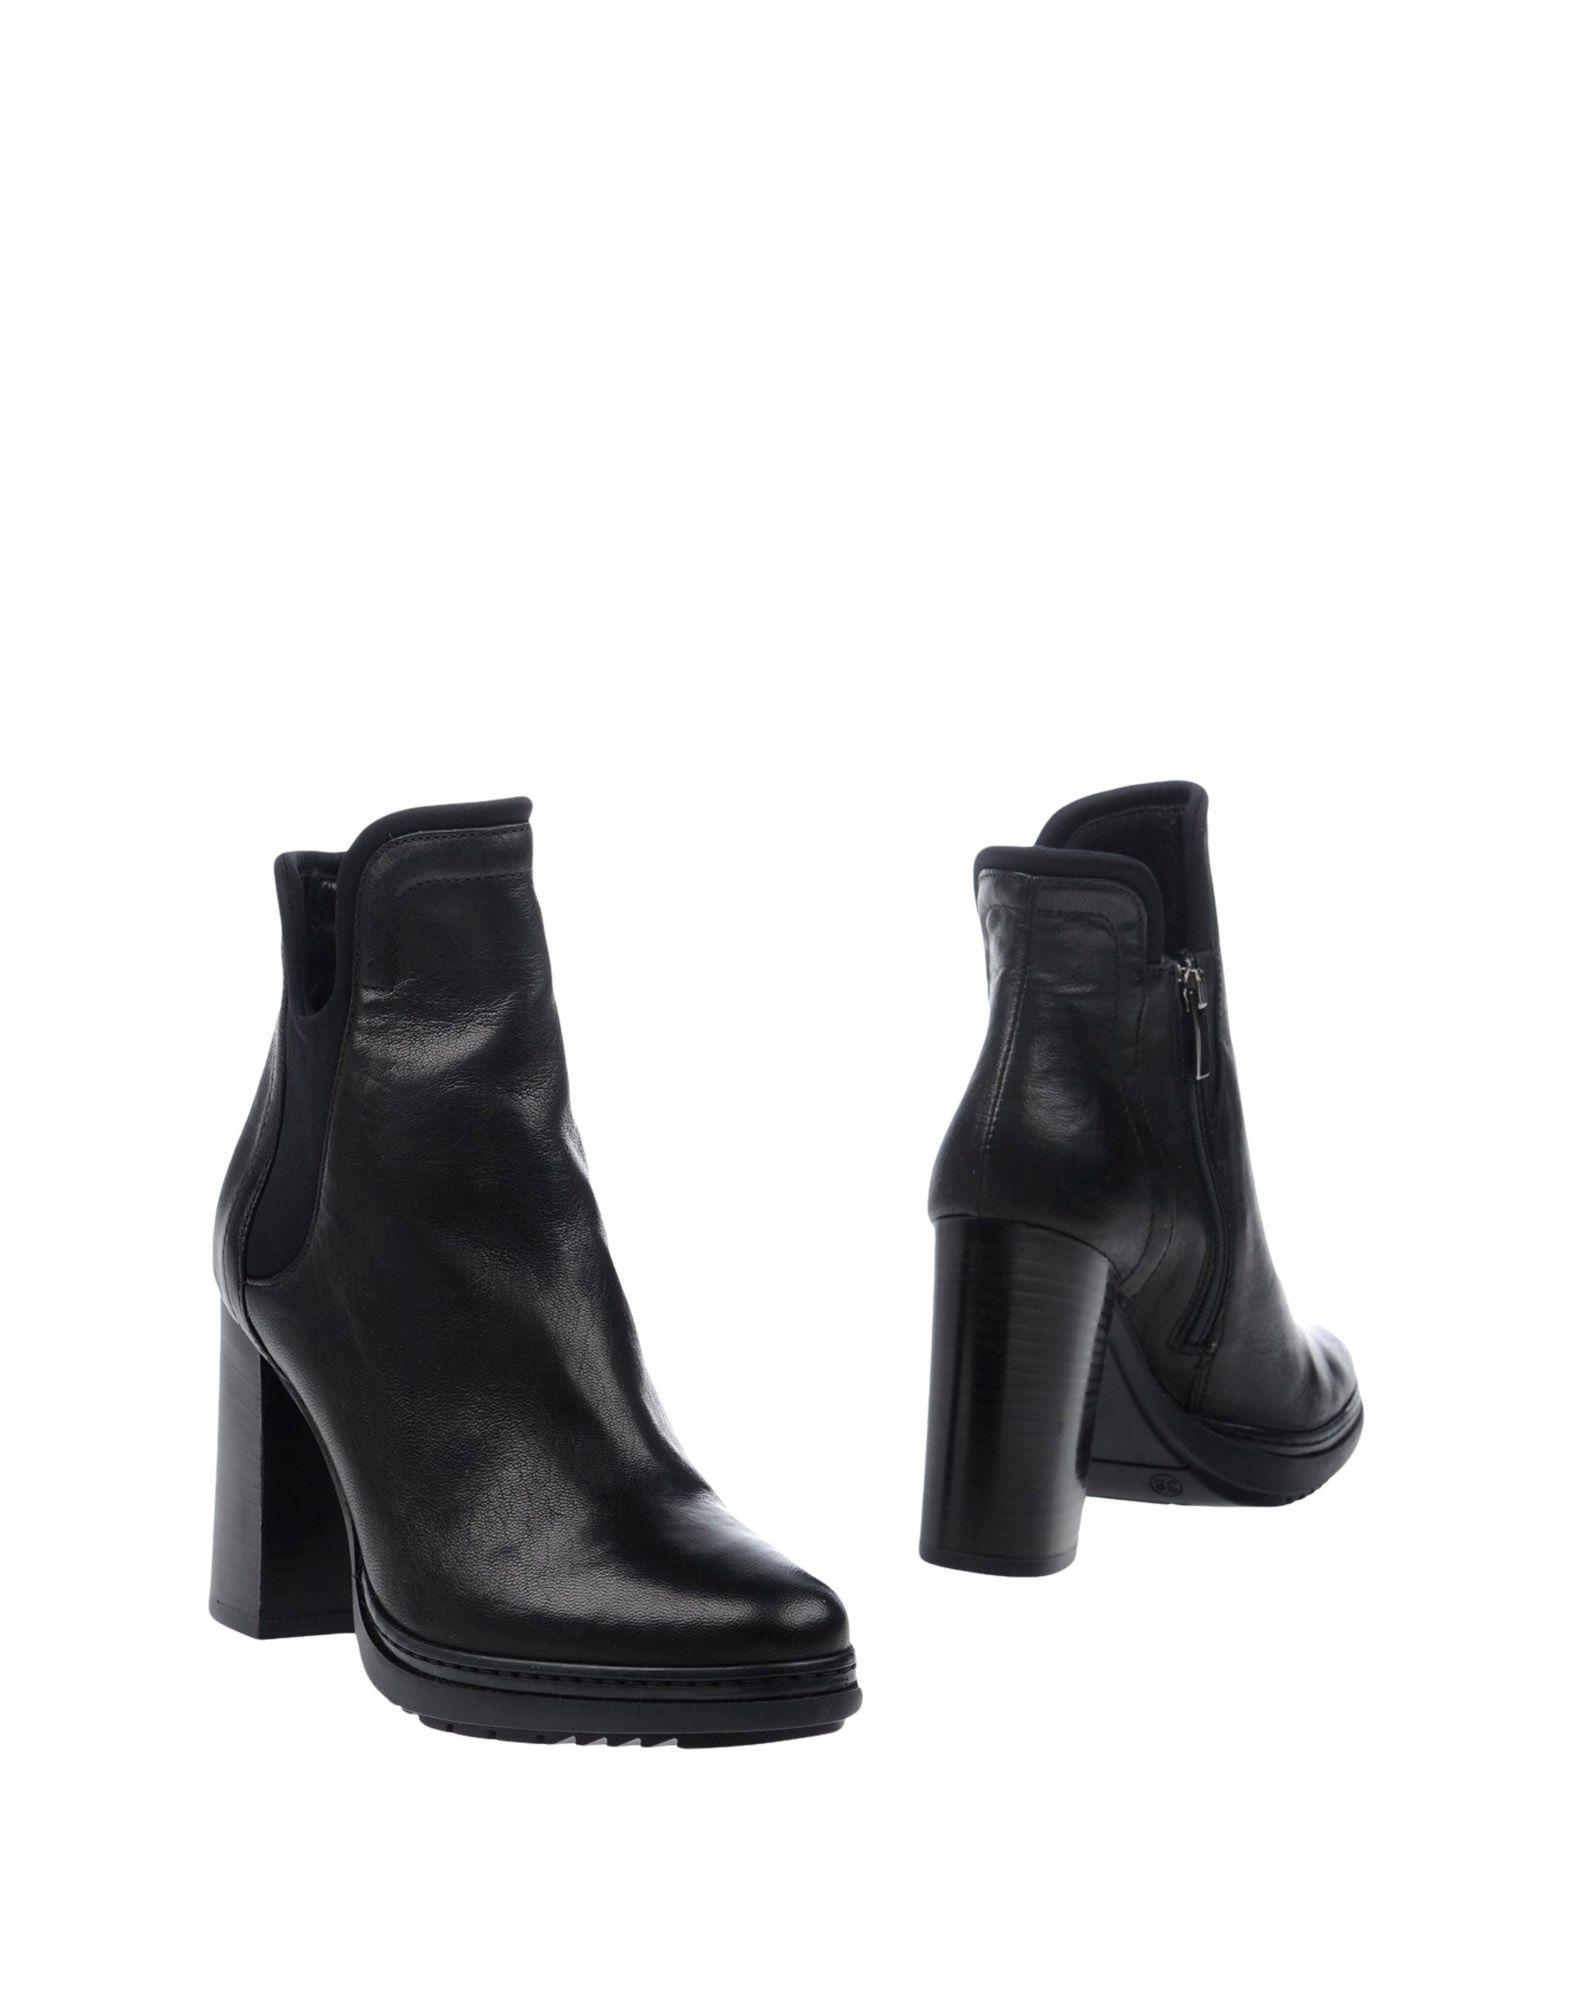 Peperosa Stiefelette Damen  11241259WB Gute Qualität beliebte Schuhe